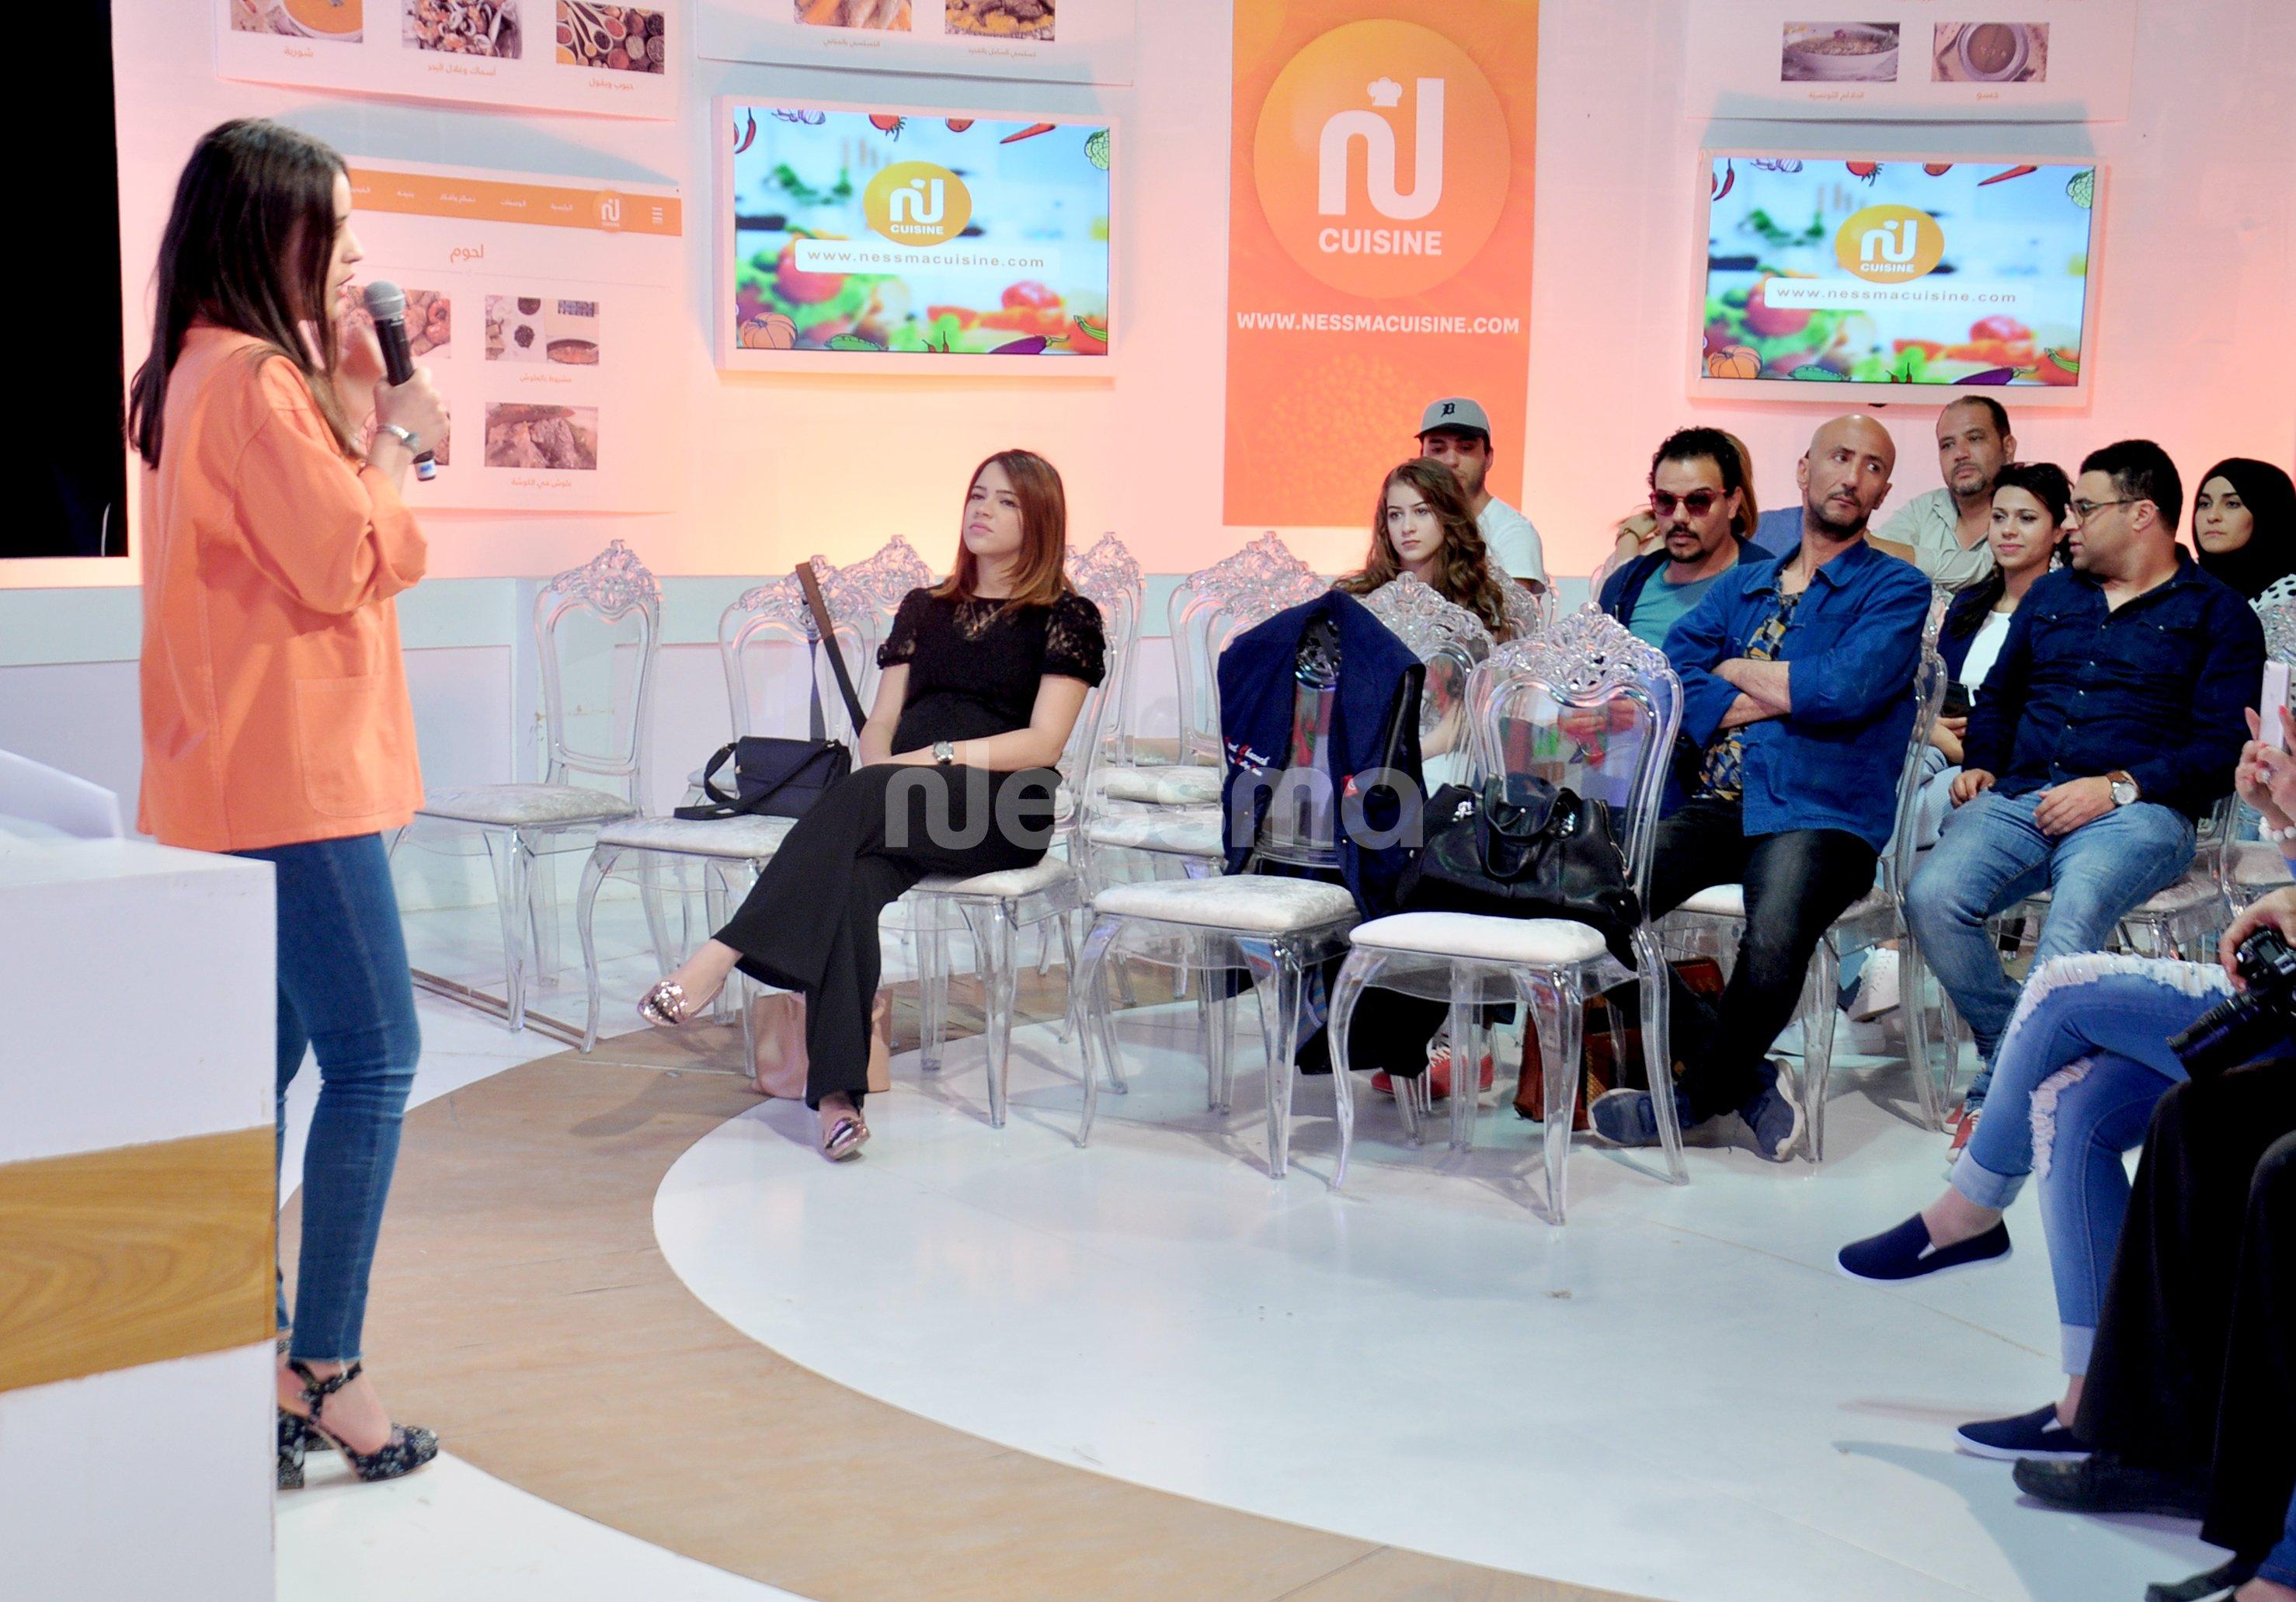 Conférence de presse pour le lancement du site nessma cuisine